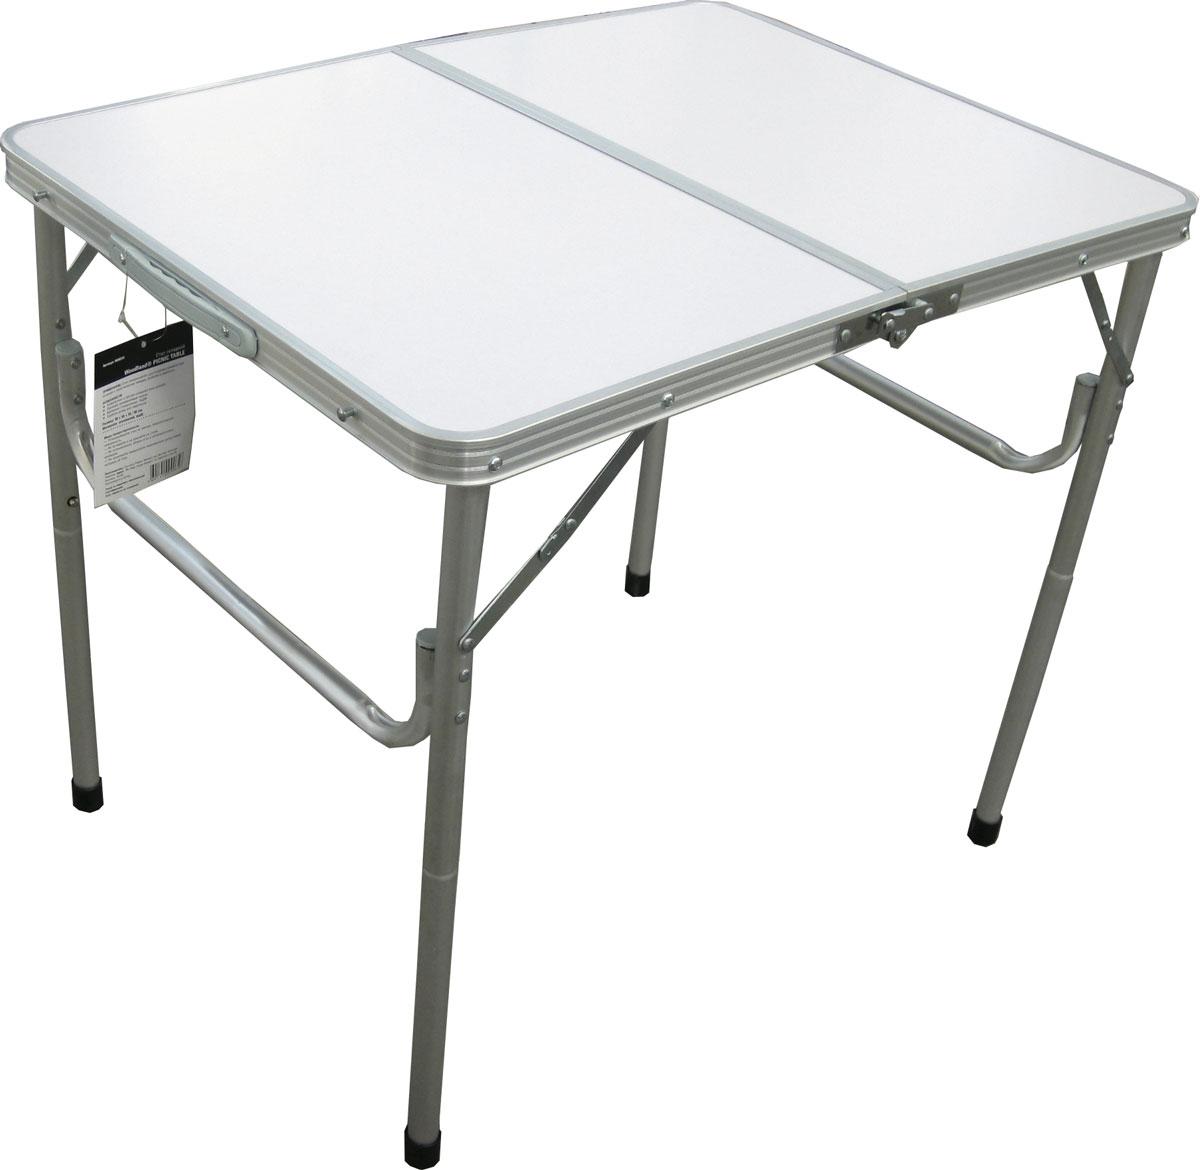 Стол складной Woodland Picnic Table, 80 x 60 x 68 см0036515Складной стол Woodland Picnic Table предназначен для создания комфортных условий в туристических походах, рыбалке и кемпинге.Особенности:Компактная и легкая складная конструкция.Прочный алюминиевый каркас с покрытием.Материал столешницы - МДФ.Удобная ручка для переноски.